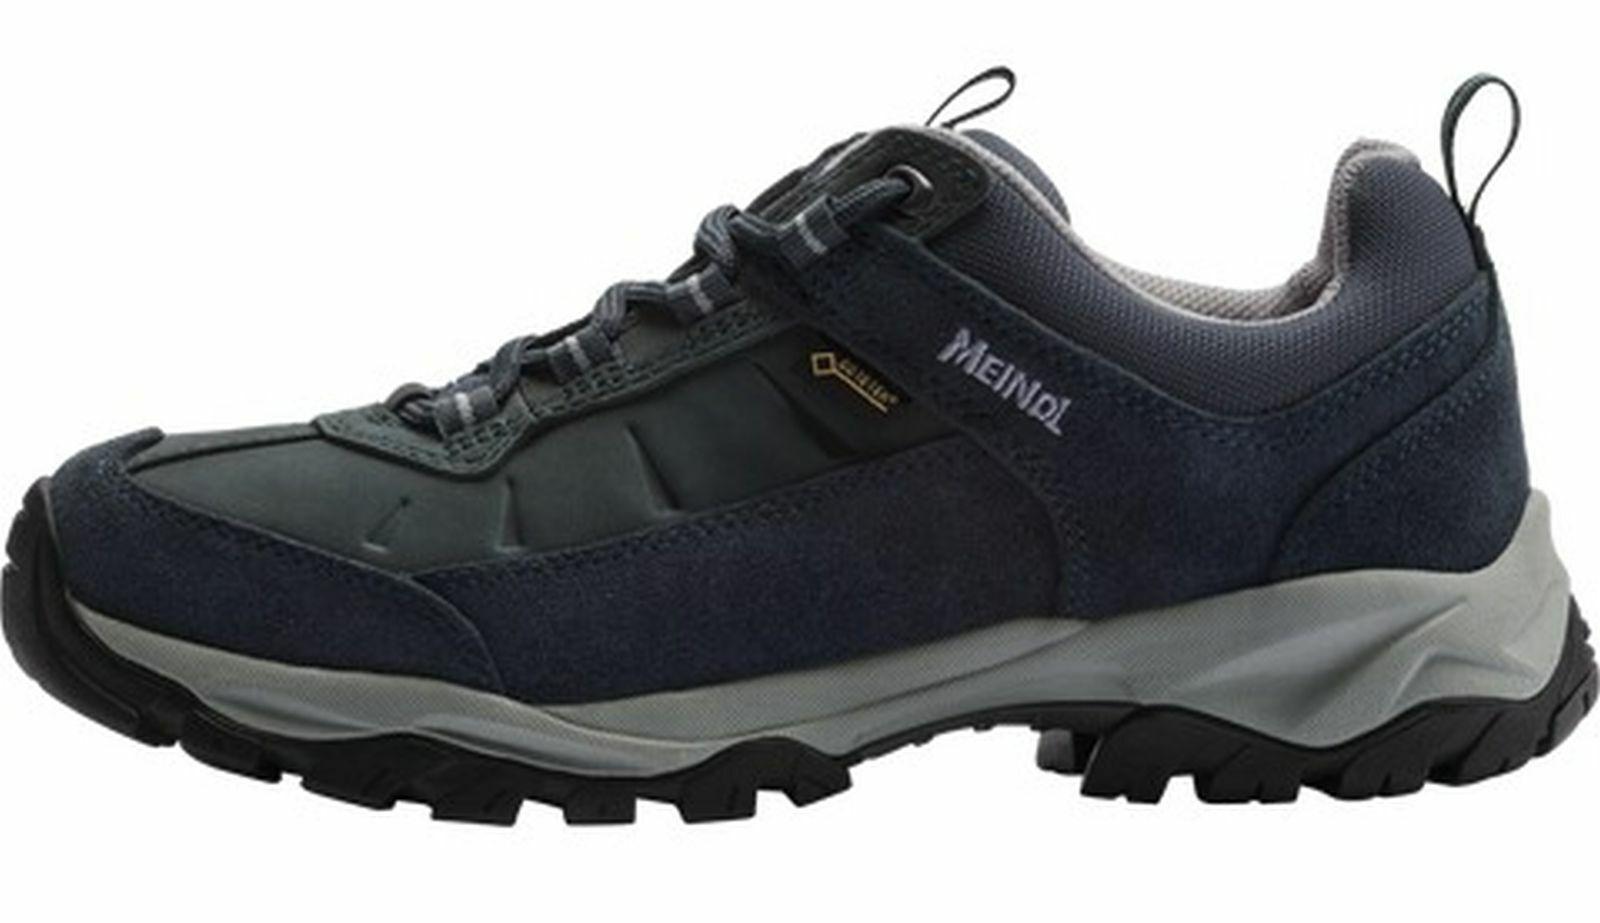 Meindl, patines de recreo, zapatos marinos, GTX.